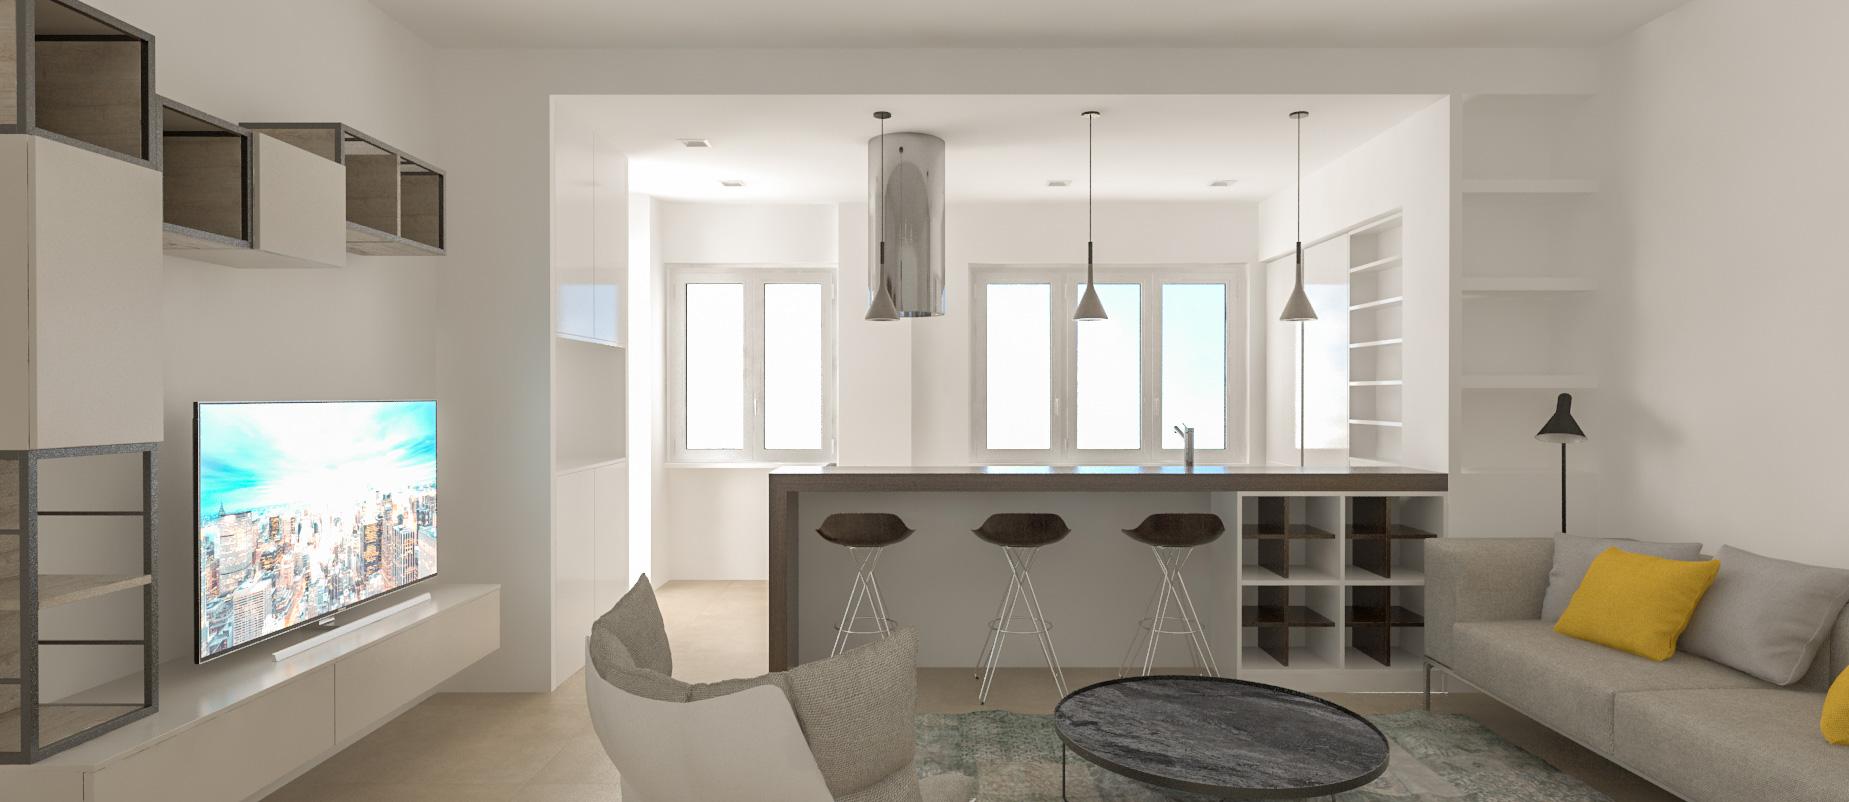 Micada-Group_2018-Appartamento-Tuscolano_Progettazione_1.jpg